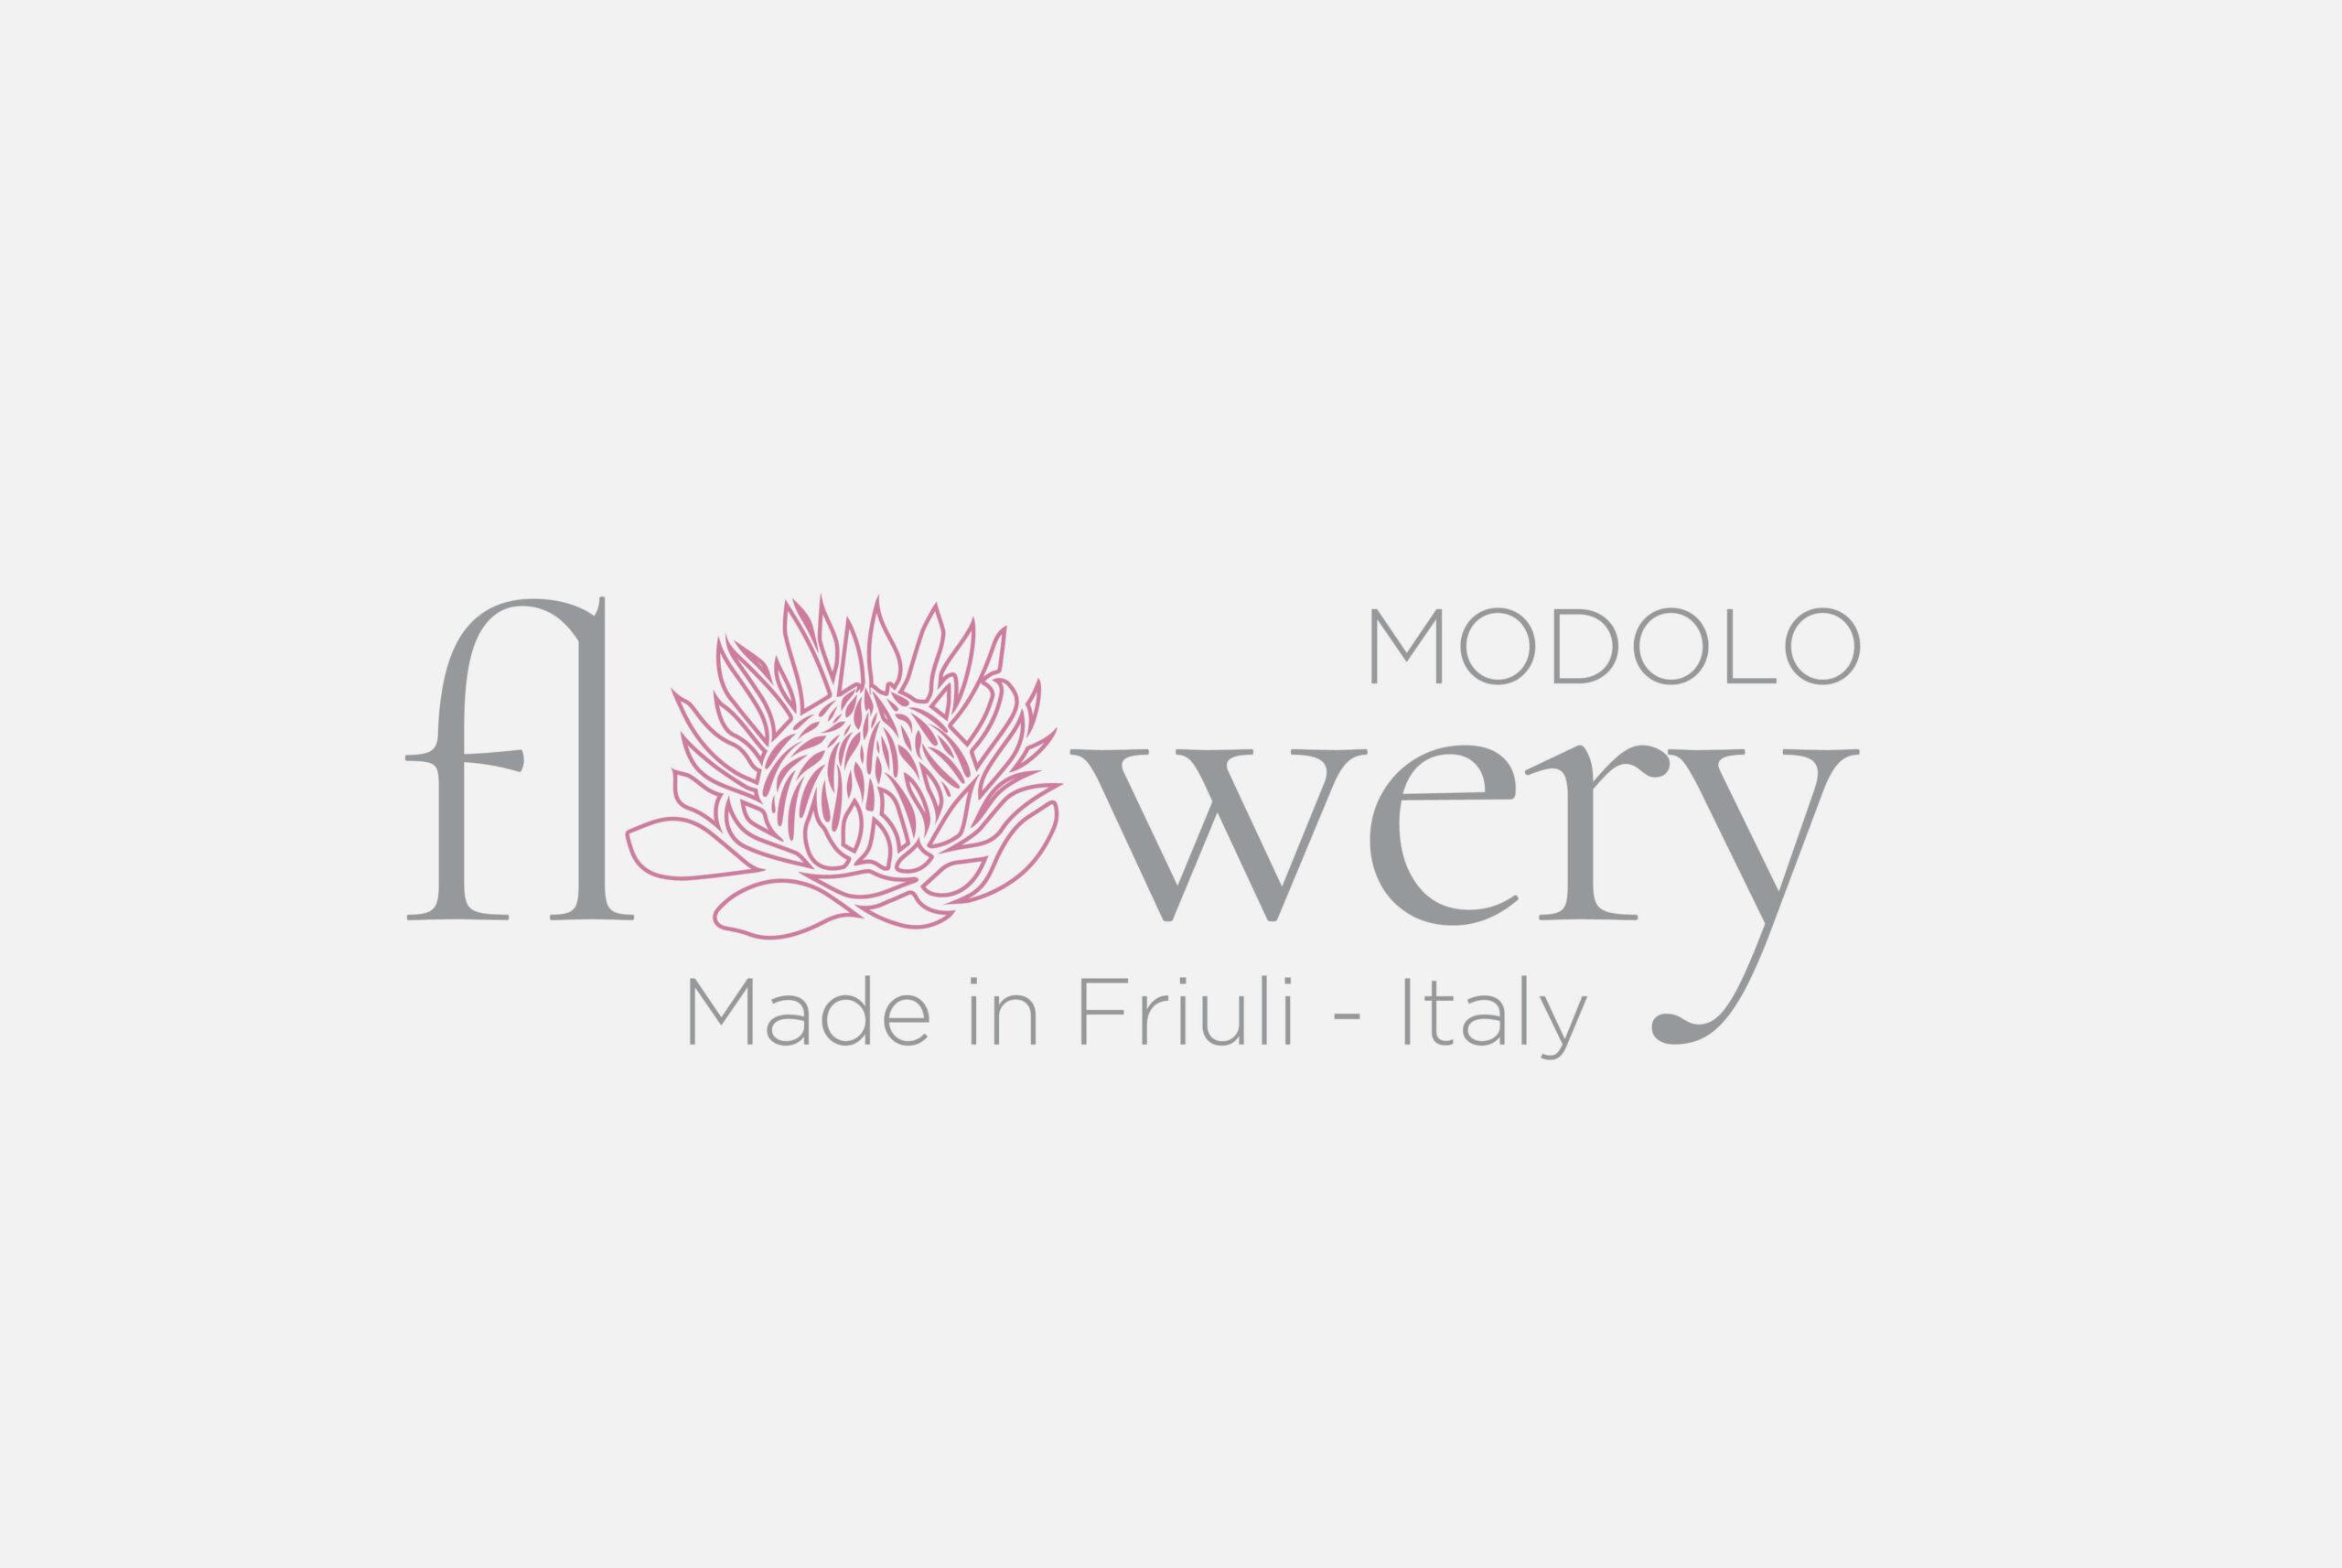 Flowery Modolo